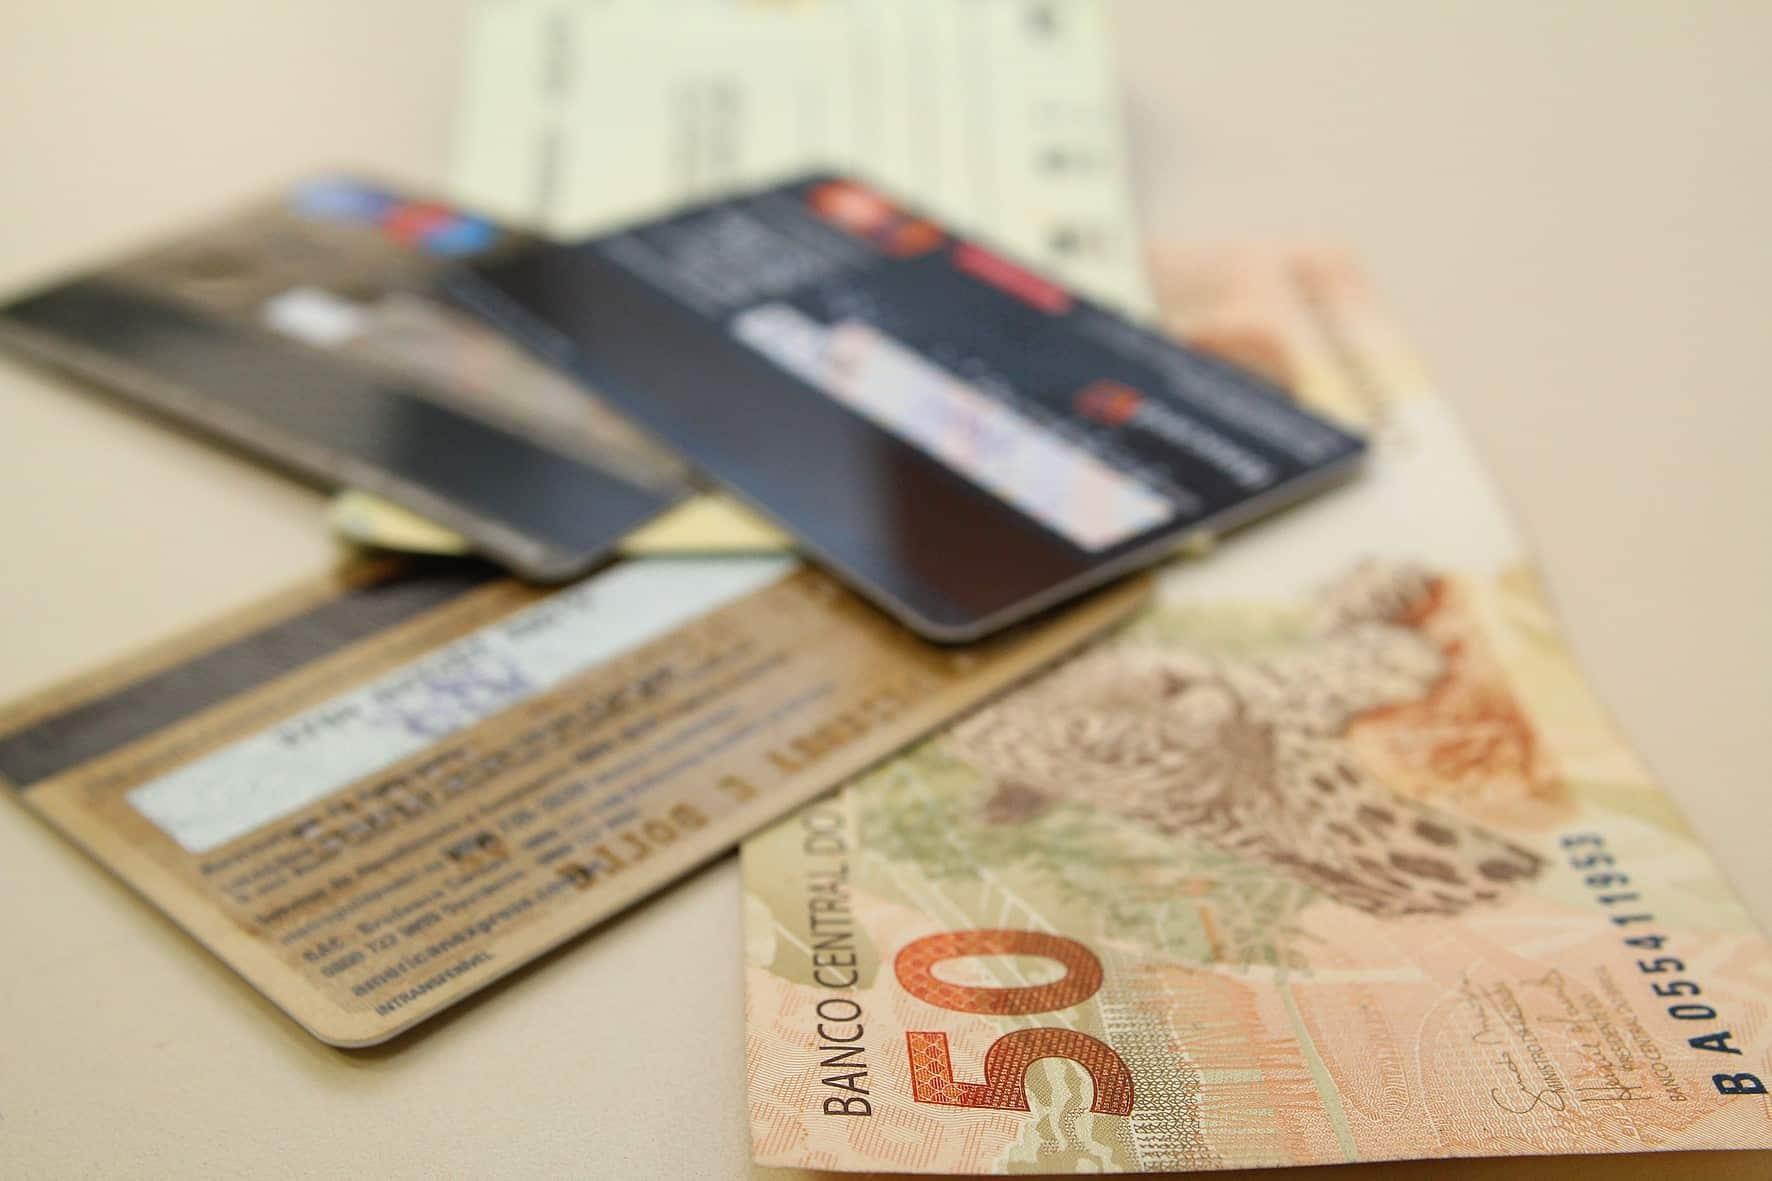 MAIS TEMPO: Bancos estenderão prazo de negativação a partir desta sexta (17)